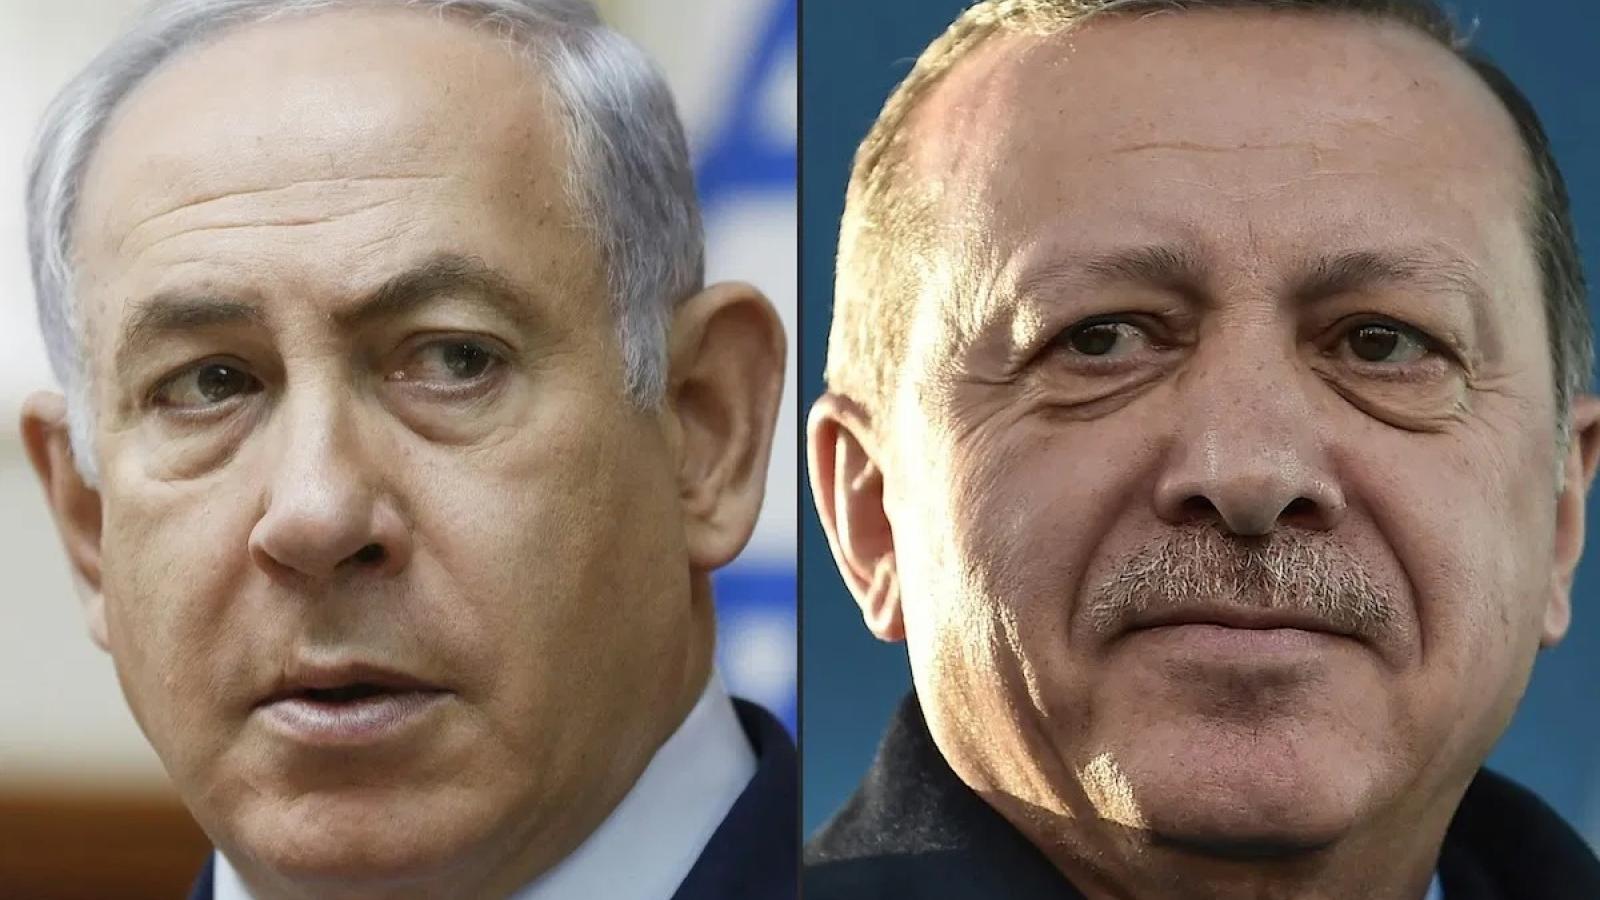 Xung đột Israel-Hamas có nguy cơ phá tan sự hàn gắn mong manh giữa Thổ Nhĩ Kỳ và Israel